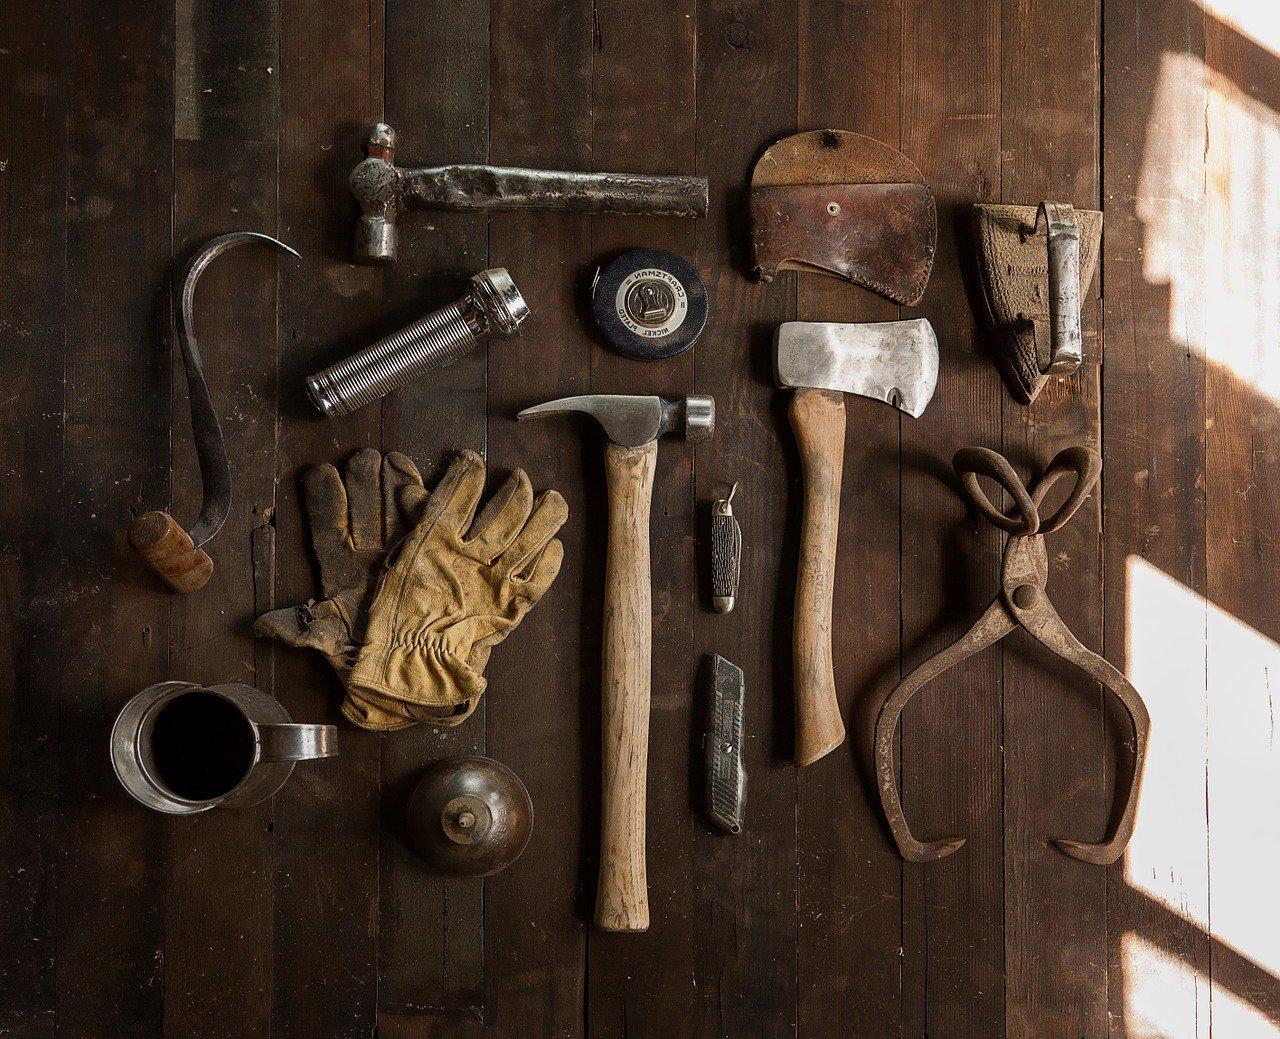 Extension ossature bois à Bellerive-sur-allier 03700 : Devis et tarifs